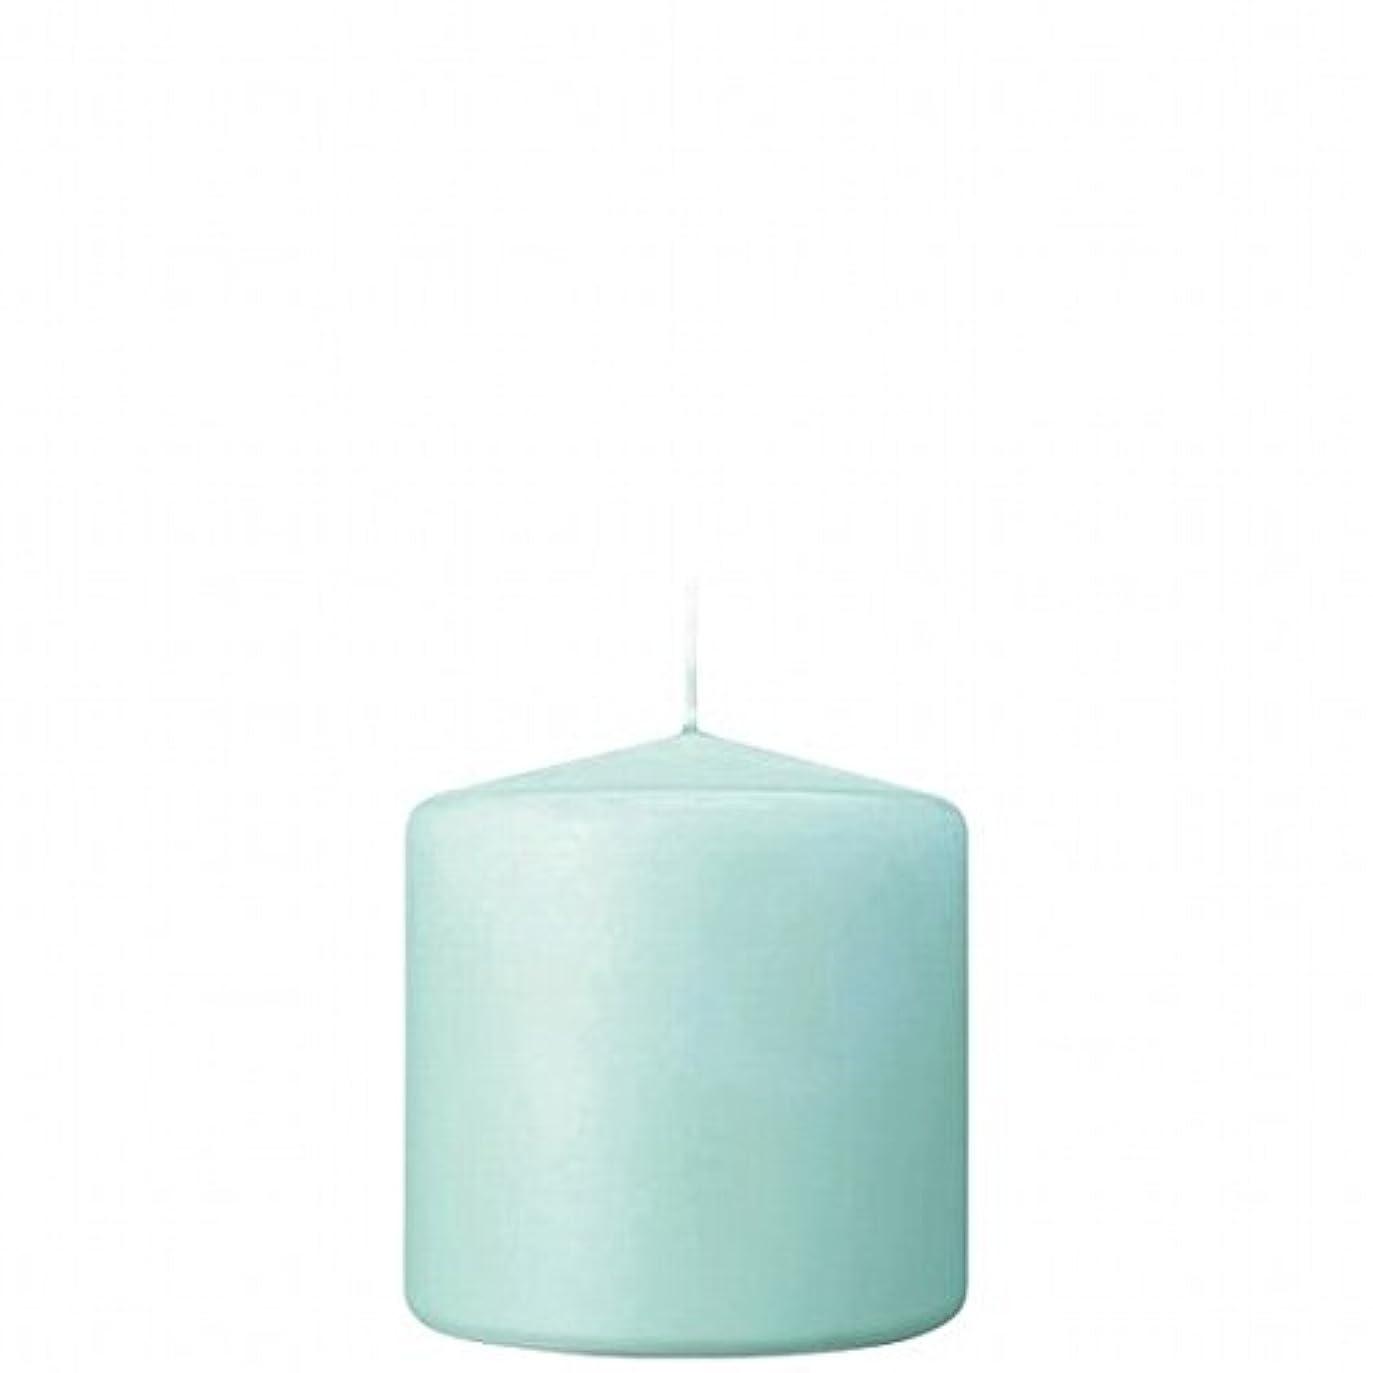 コード価値のない実験をするkameyama candle(カメヤマキャンドル) 3×3ベルトップピラーキャンドル 「 ライトブルー 」(A9730000LB)